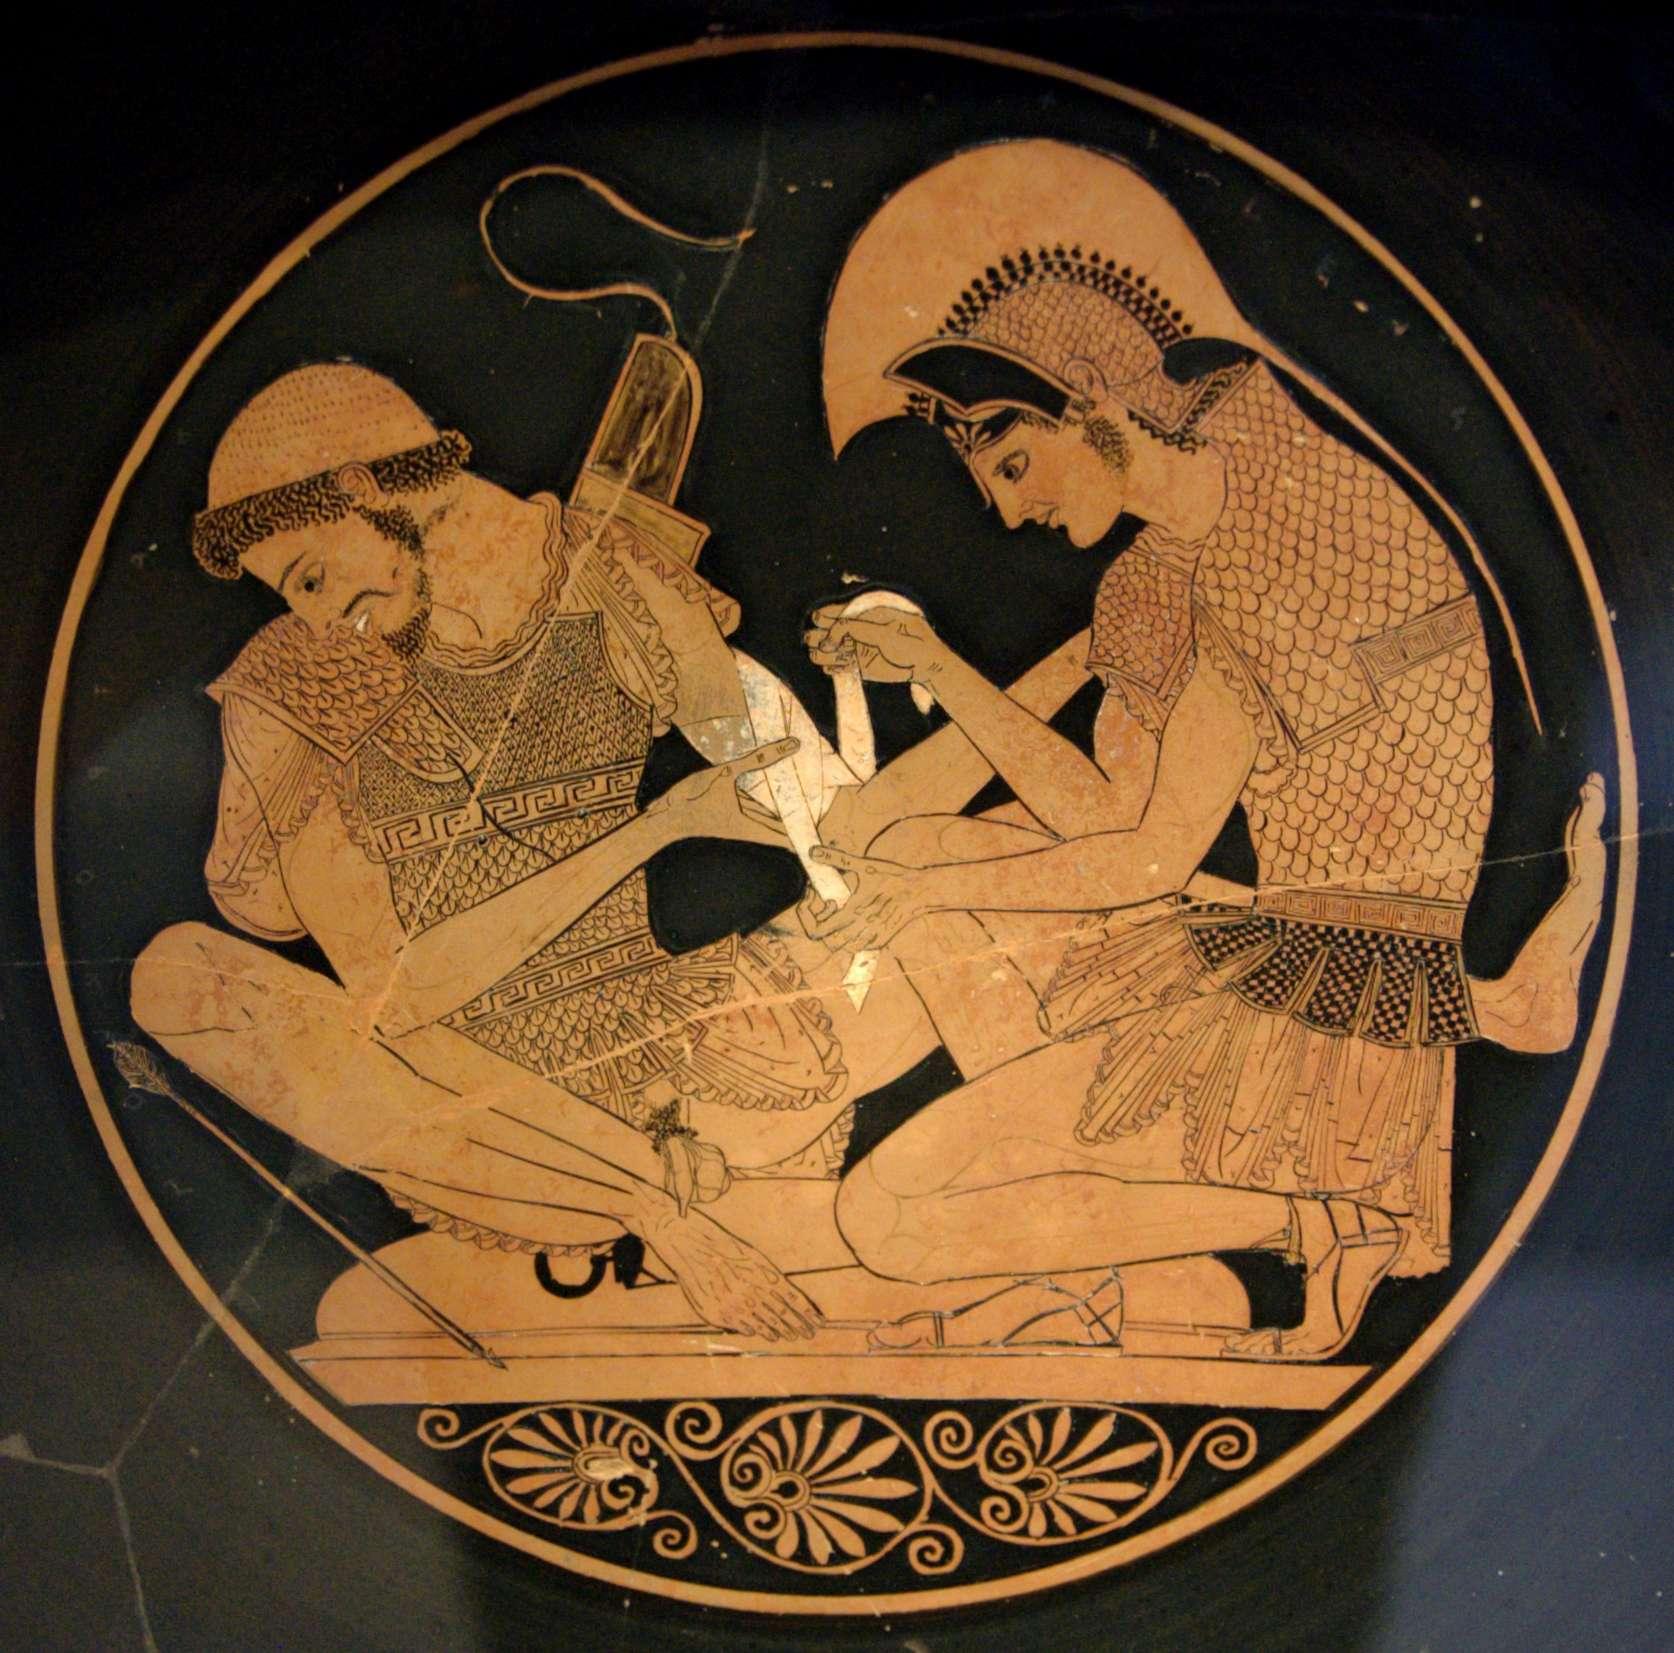 Ο Αχιλλέας επιδένει το τραύμα του Πάτροκλου (Ερυθρόμορφη Κύλιξ του 500 π.Χ., Άλτες Μουζέουμ, Βερολίνο)